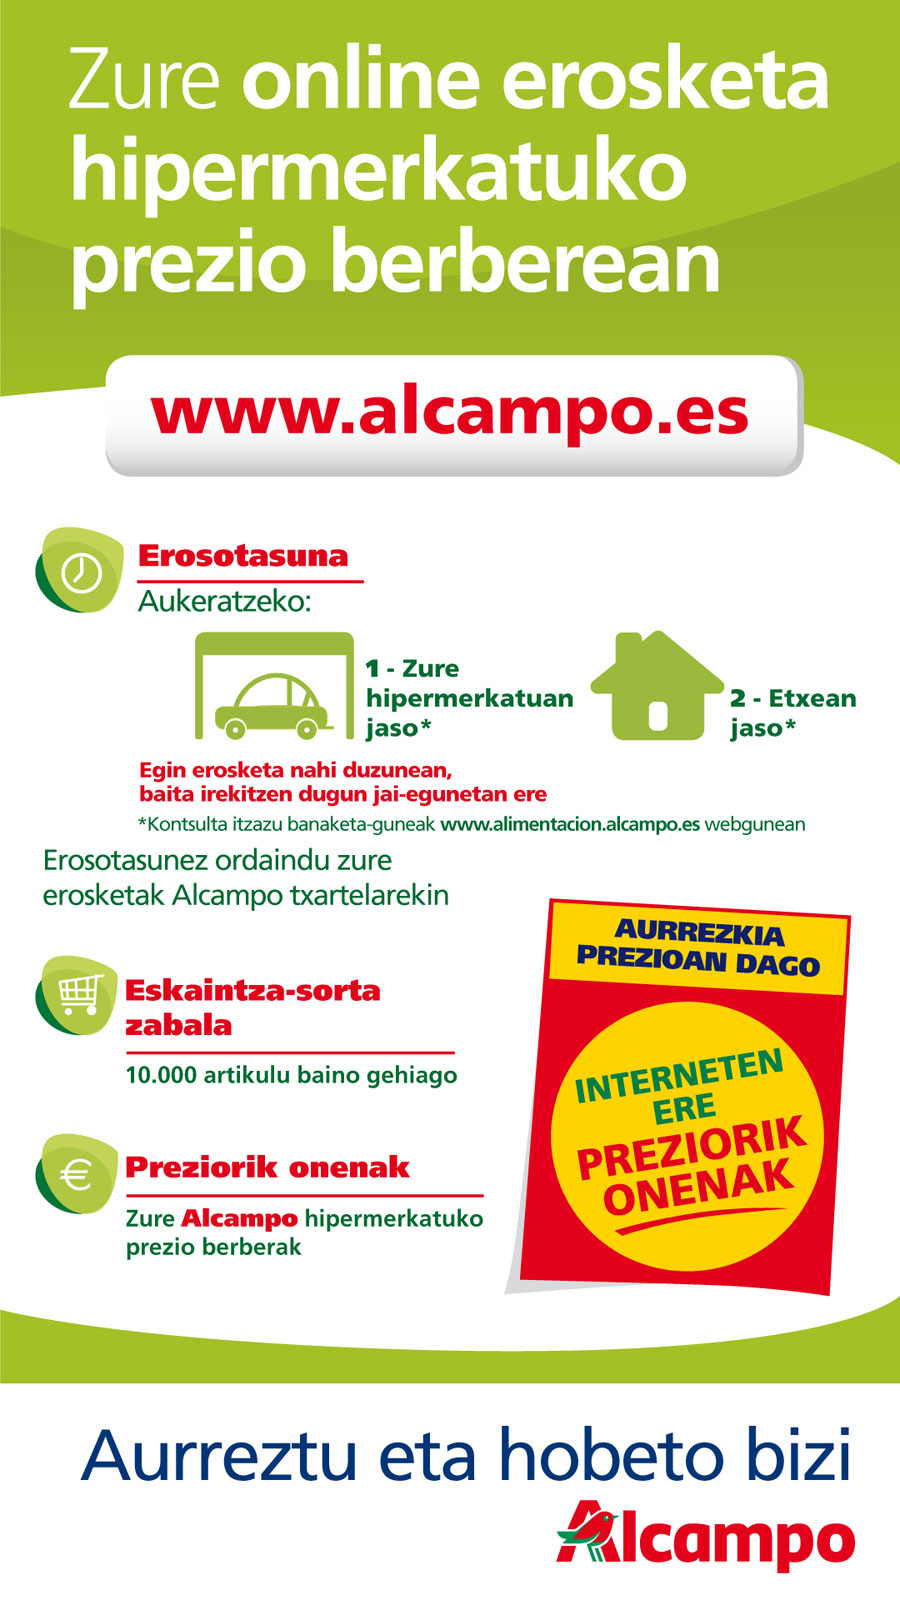 Compra online Alcampo eus